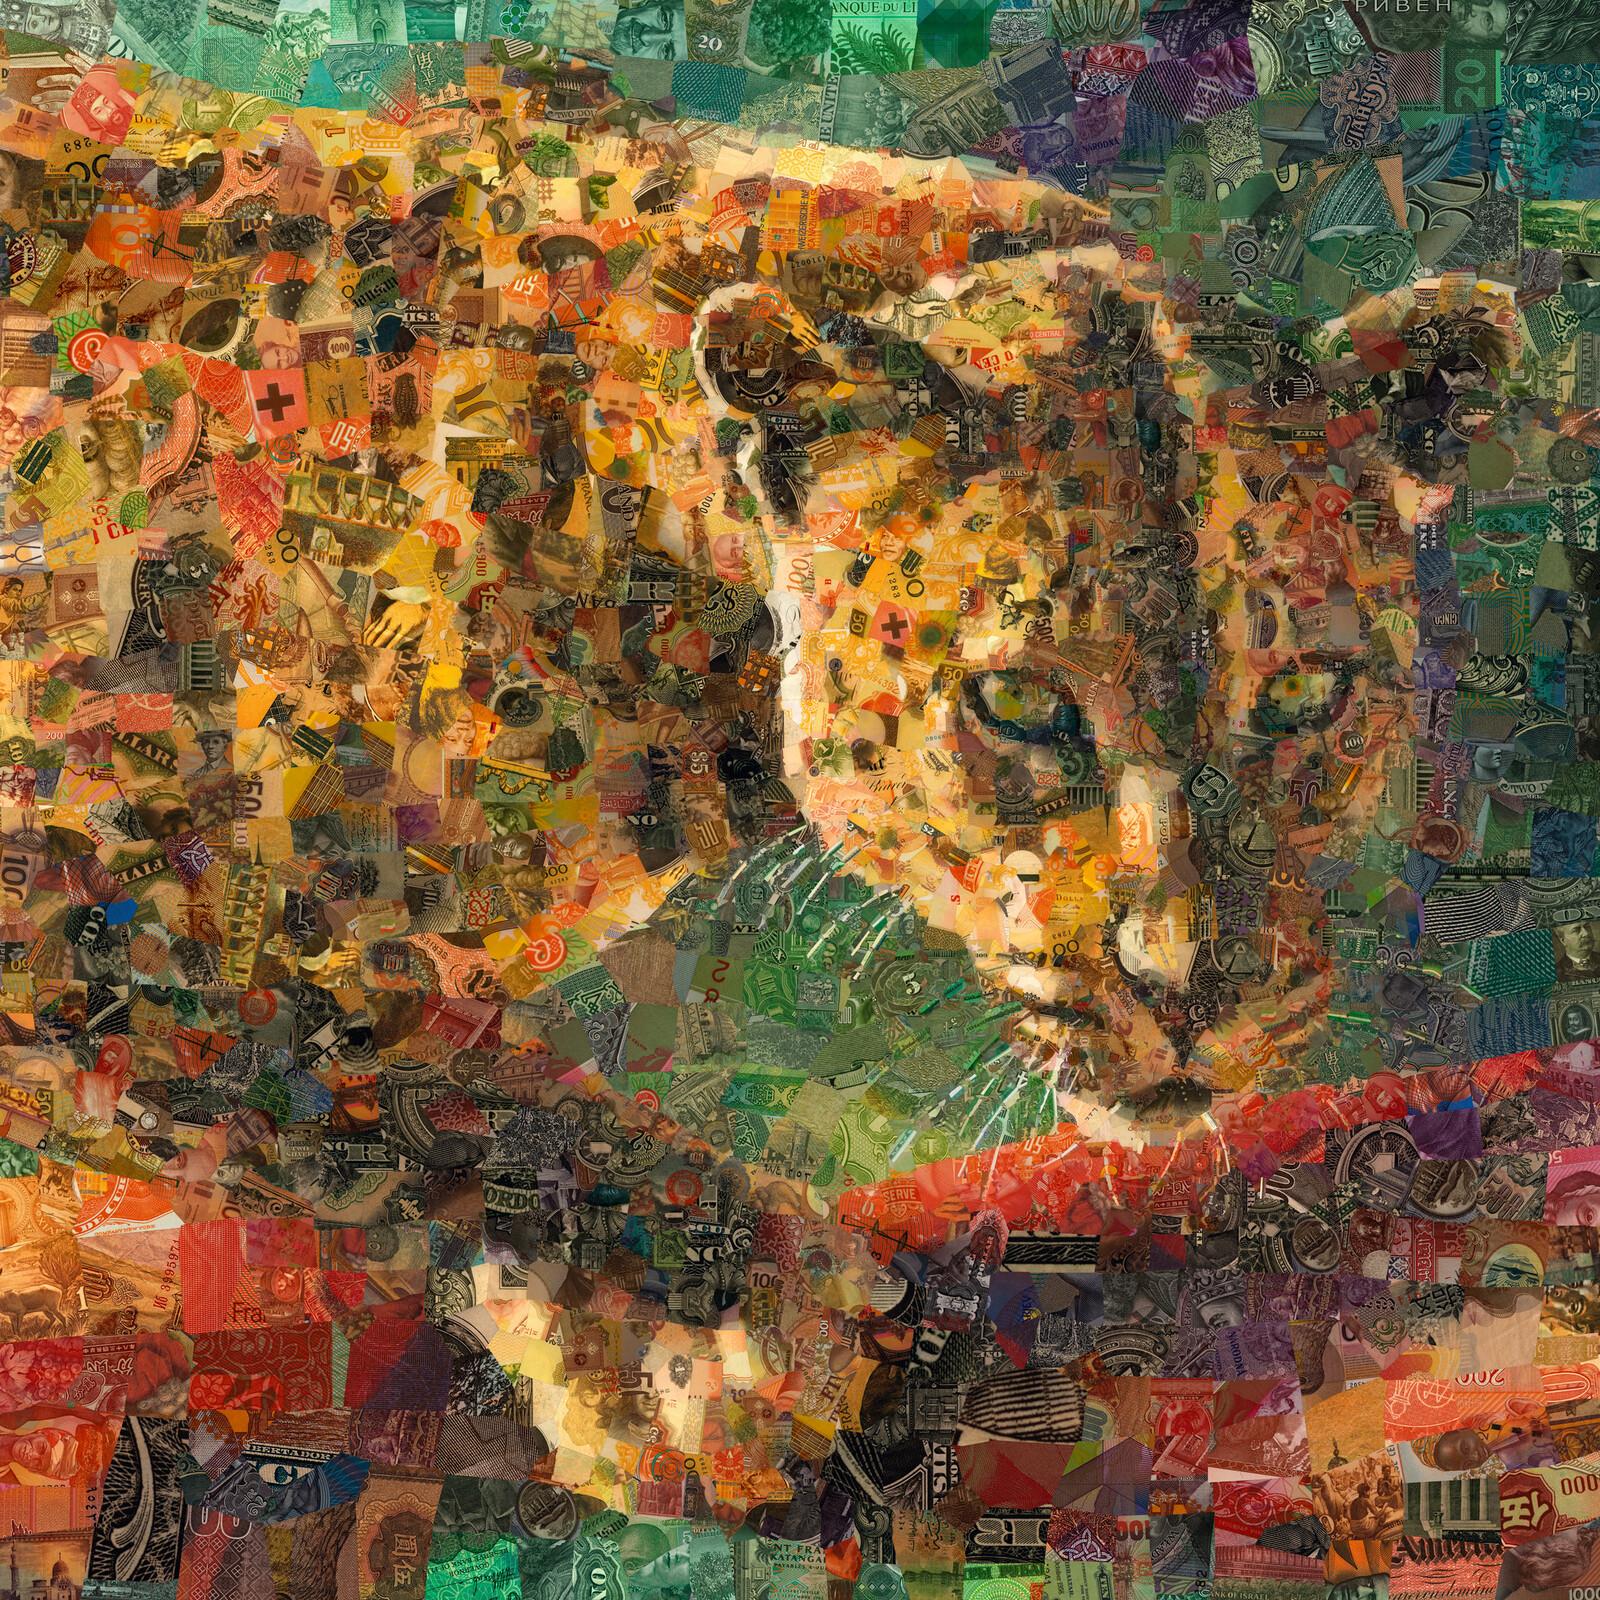 Leopard - Charis Tsevis